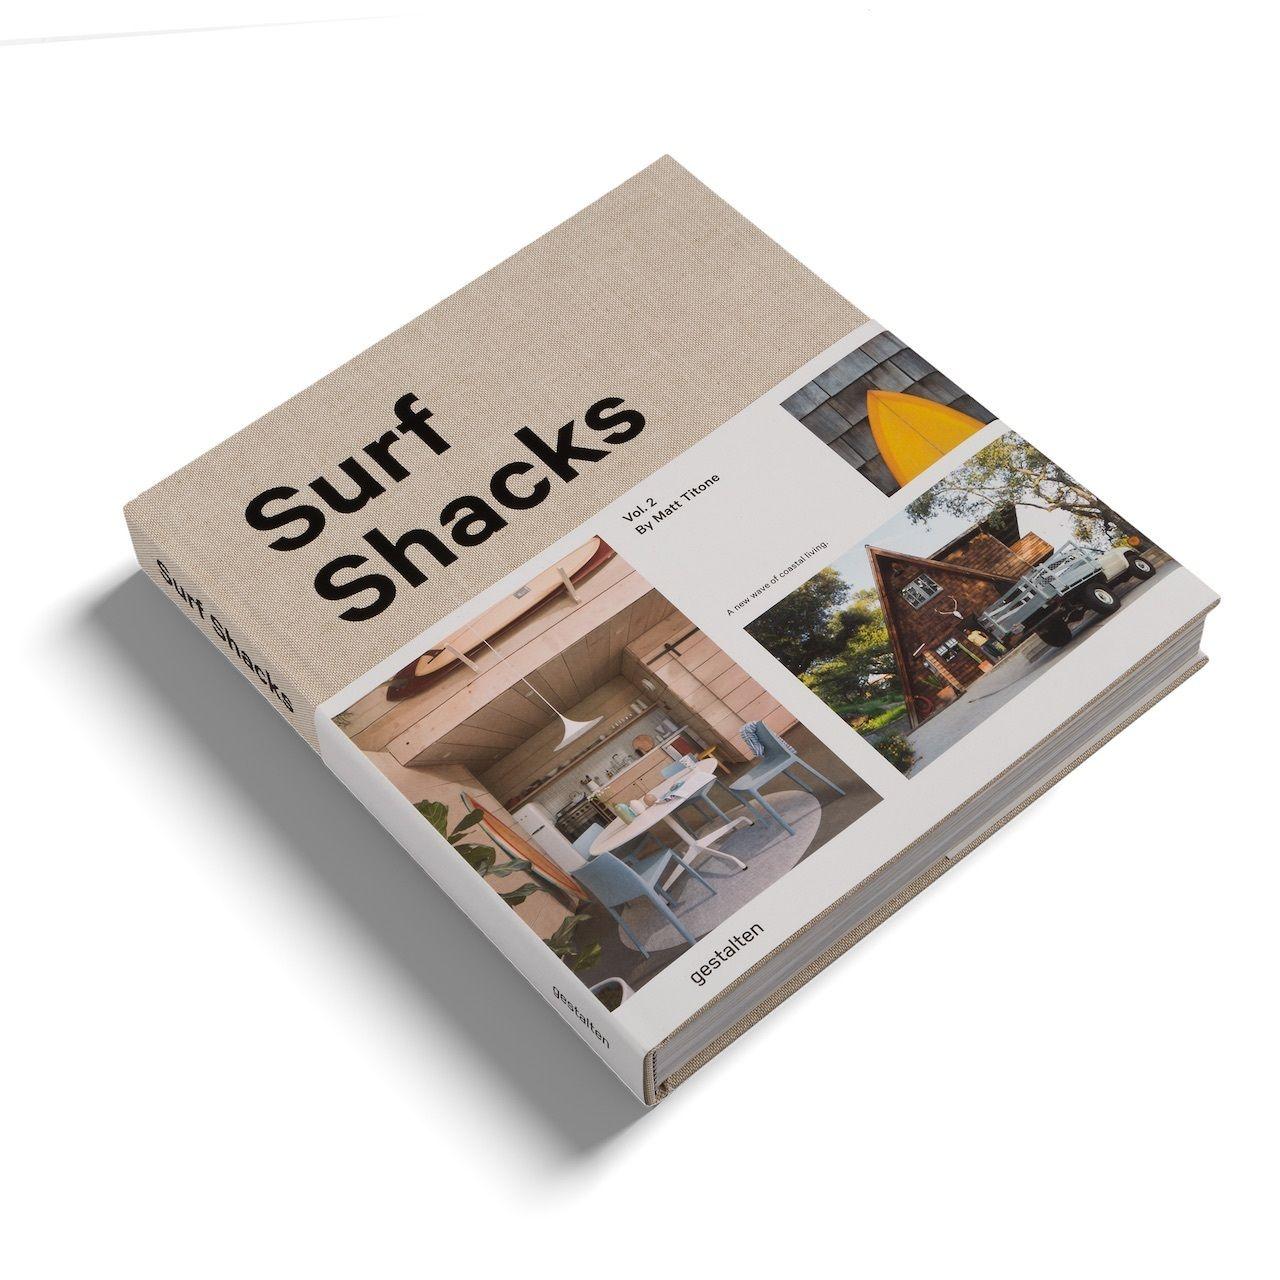 surfshacks